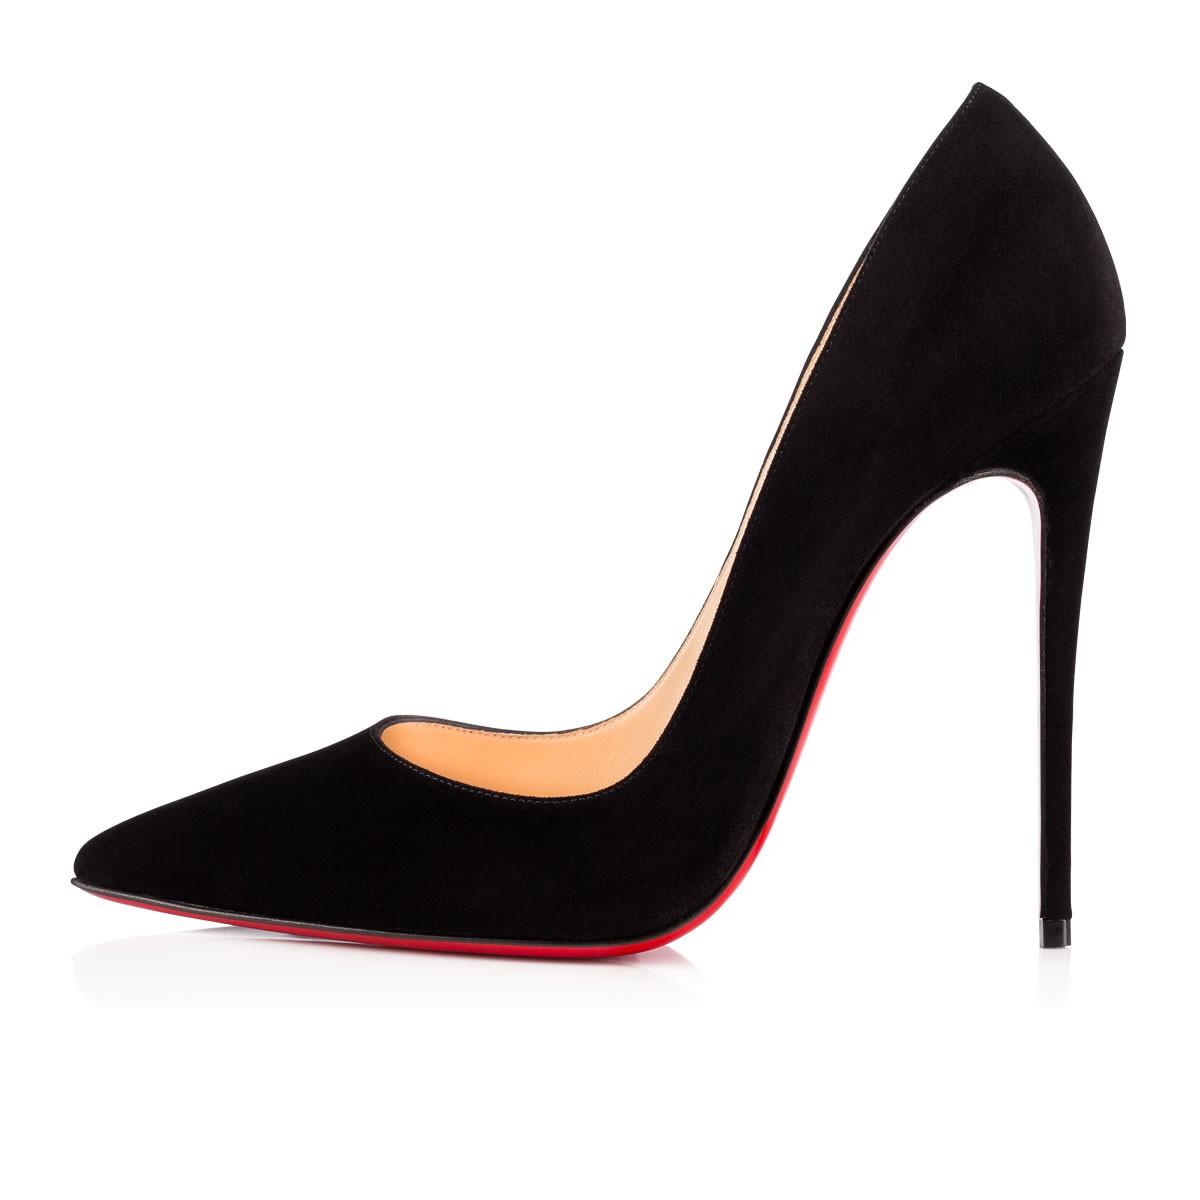 鞋履 - So Kate - Christian Louboutin